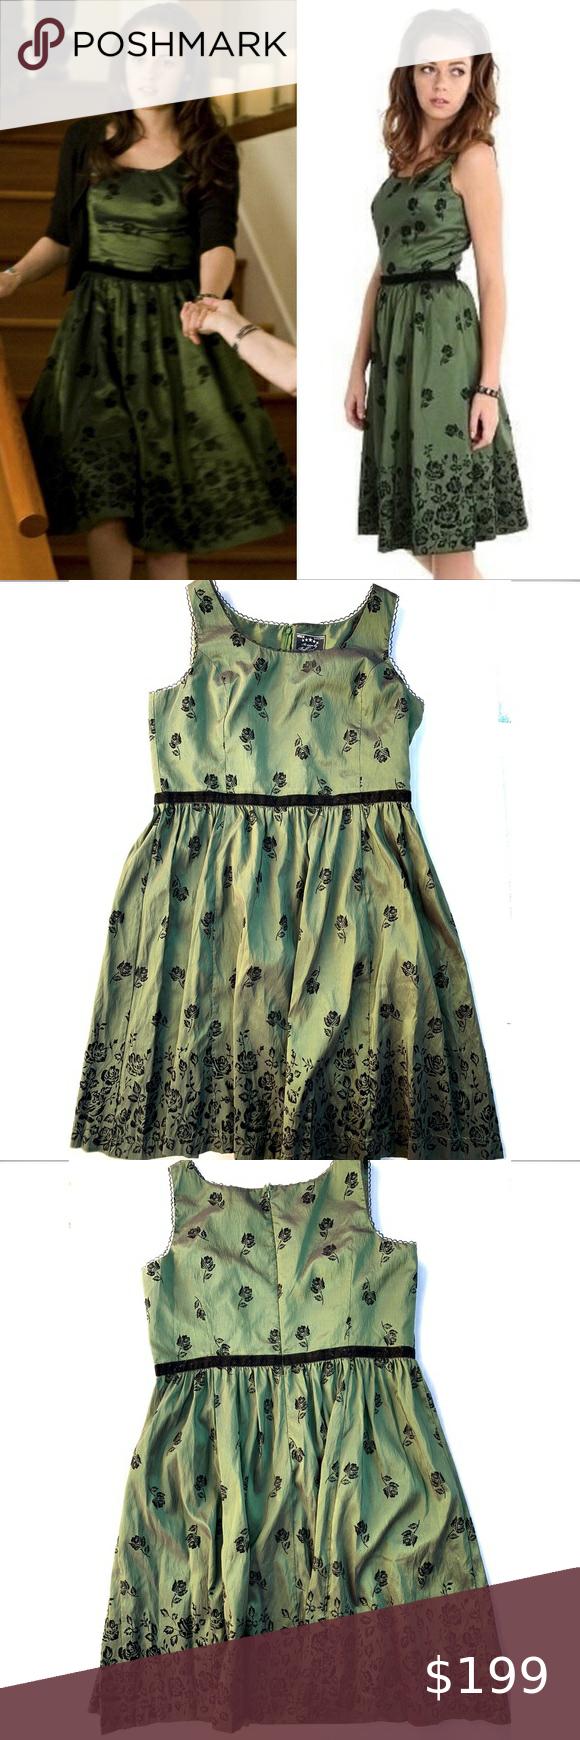 Twilight New Moon Bella Swan Birthday Dress 3xl Birthday Dresses Colorful Dresses Pretty Dresses [ 1740 x 580 Pixel ]